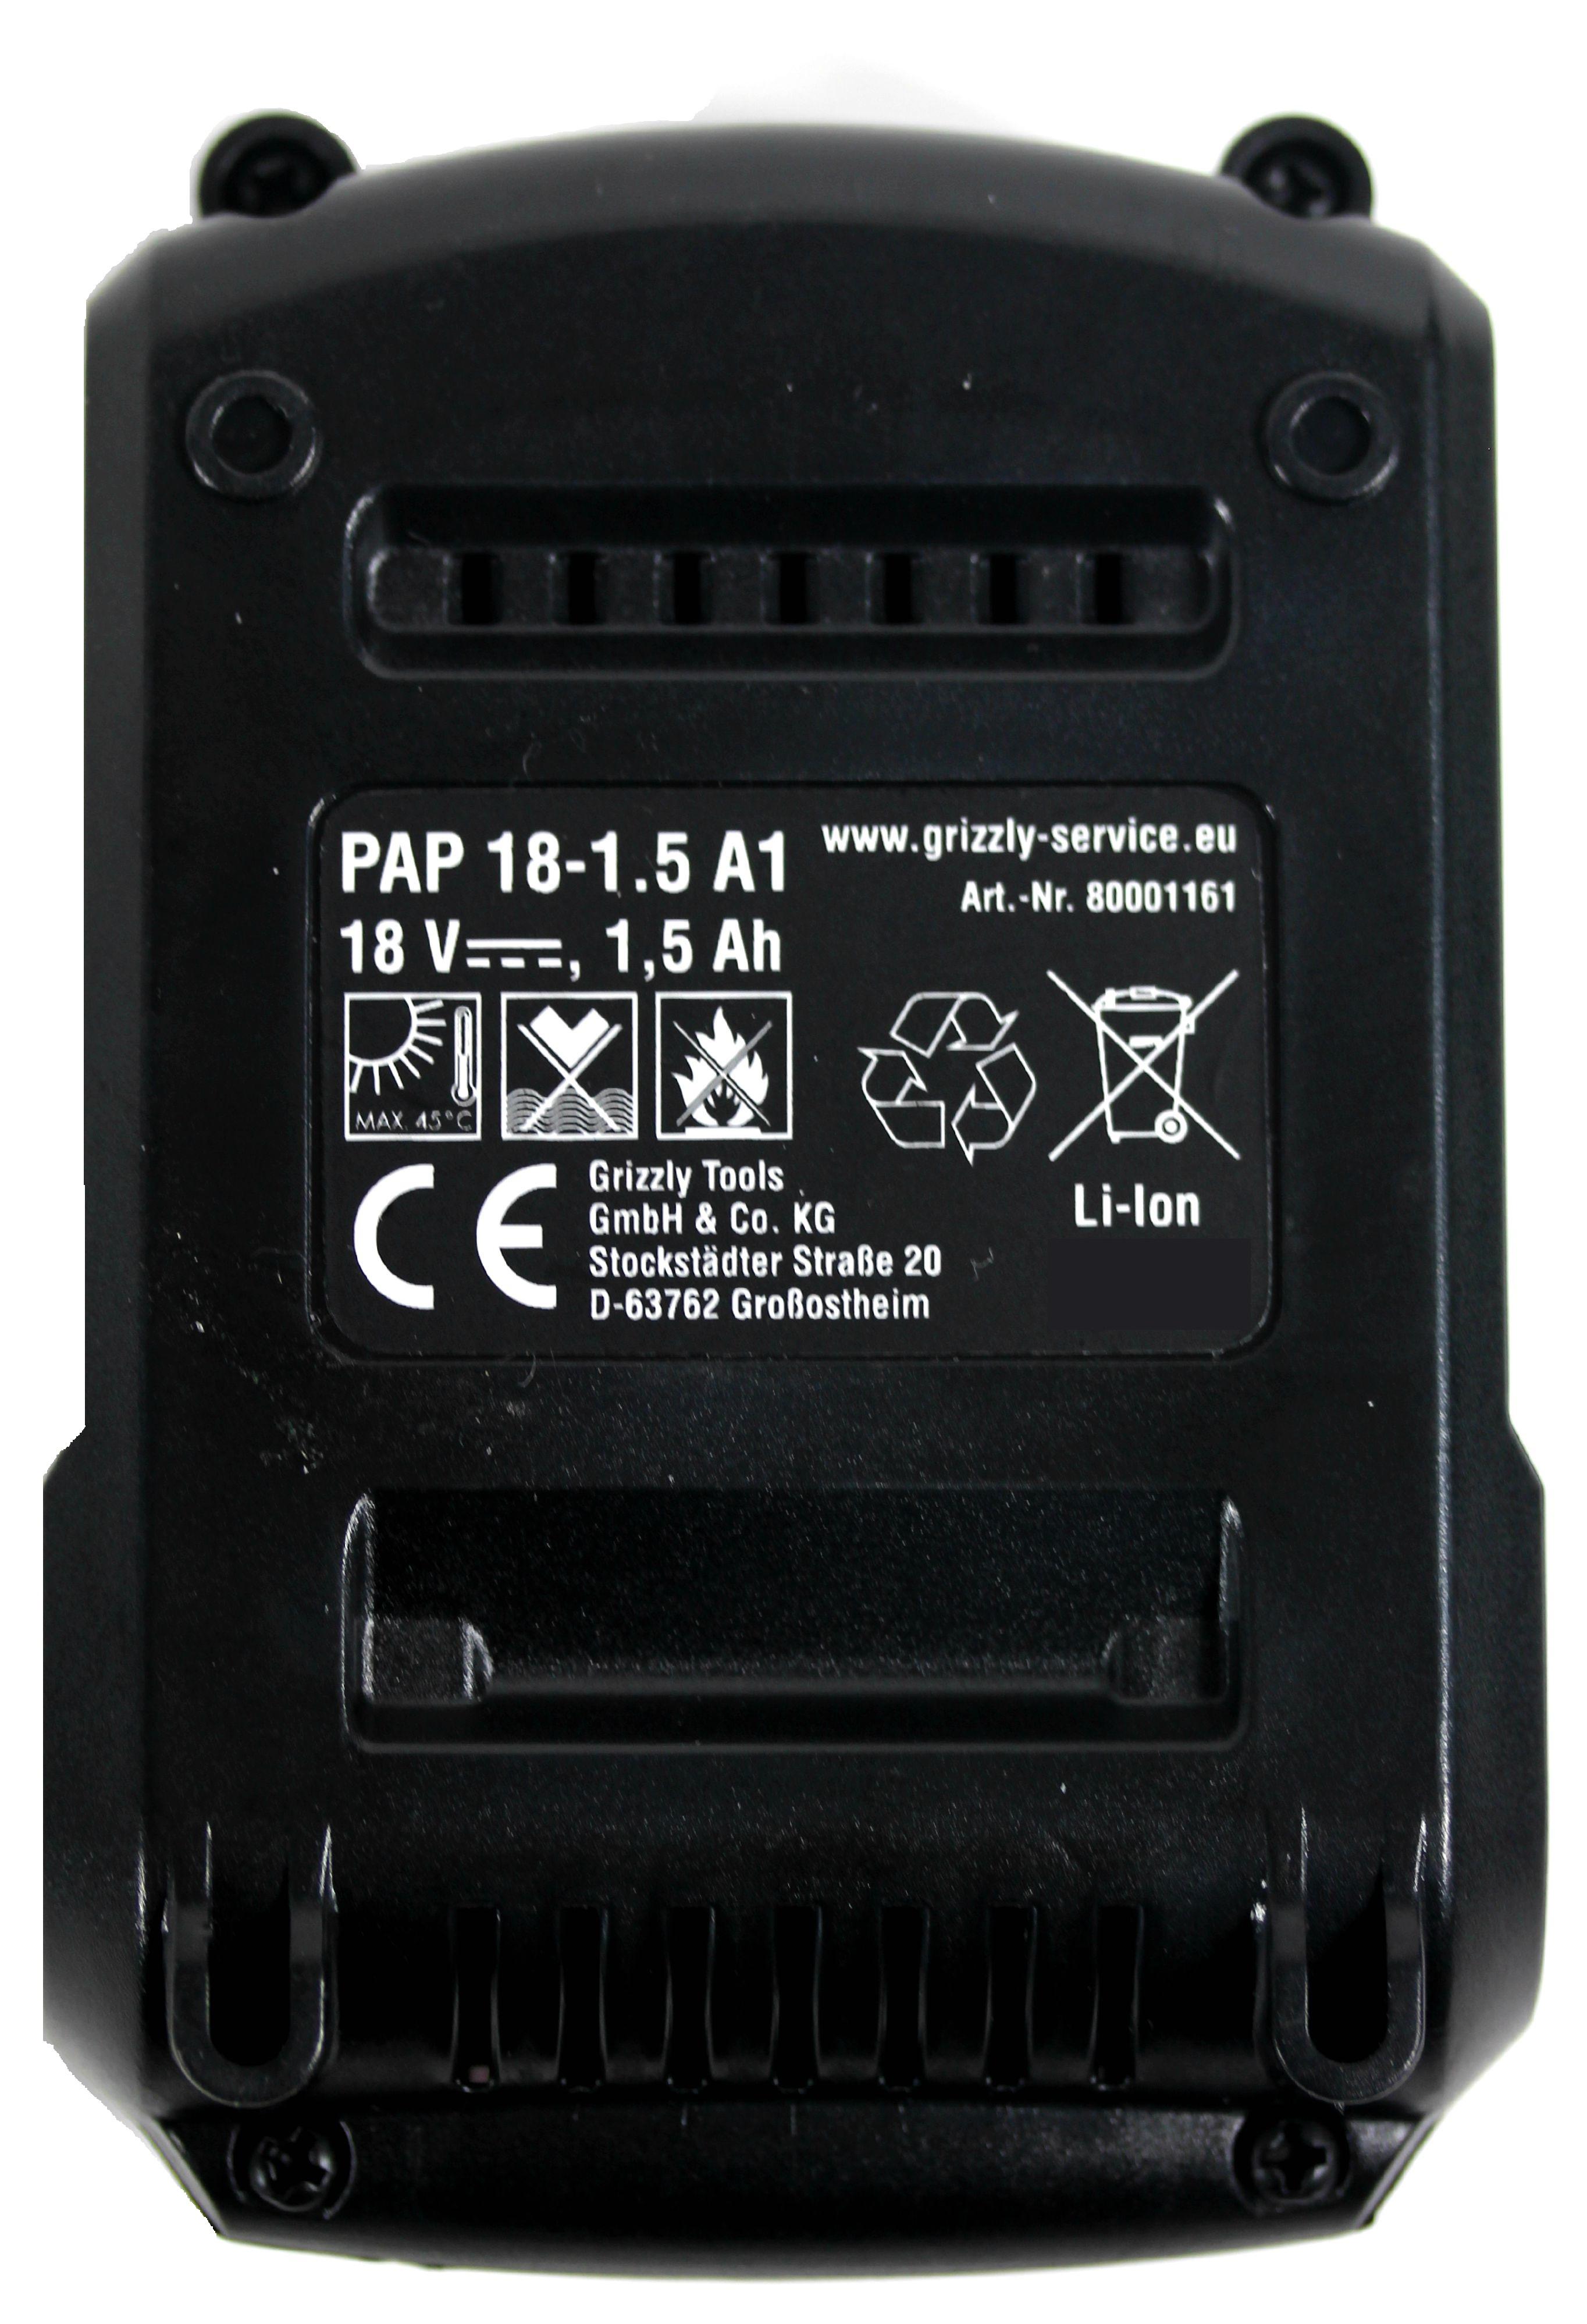 Batterie parkside 18v - Parkside batterie de rechange ...